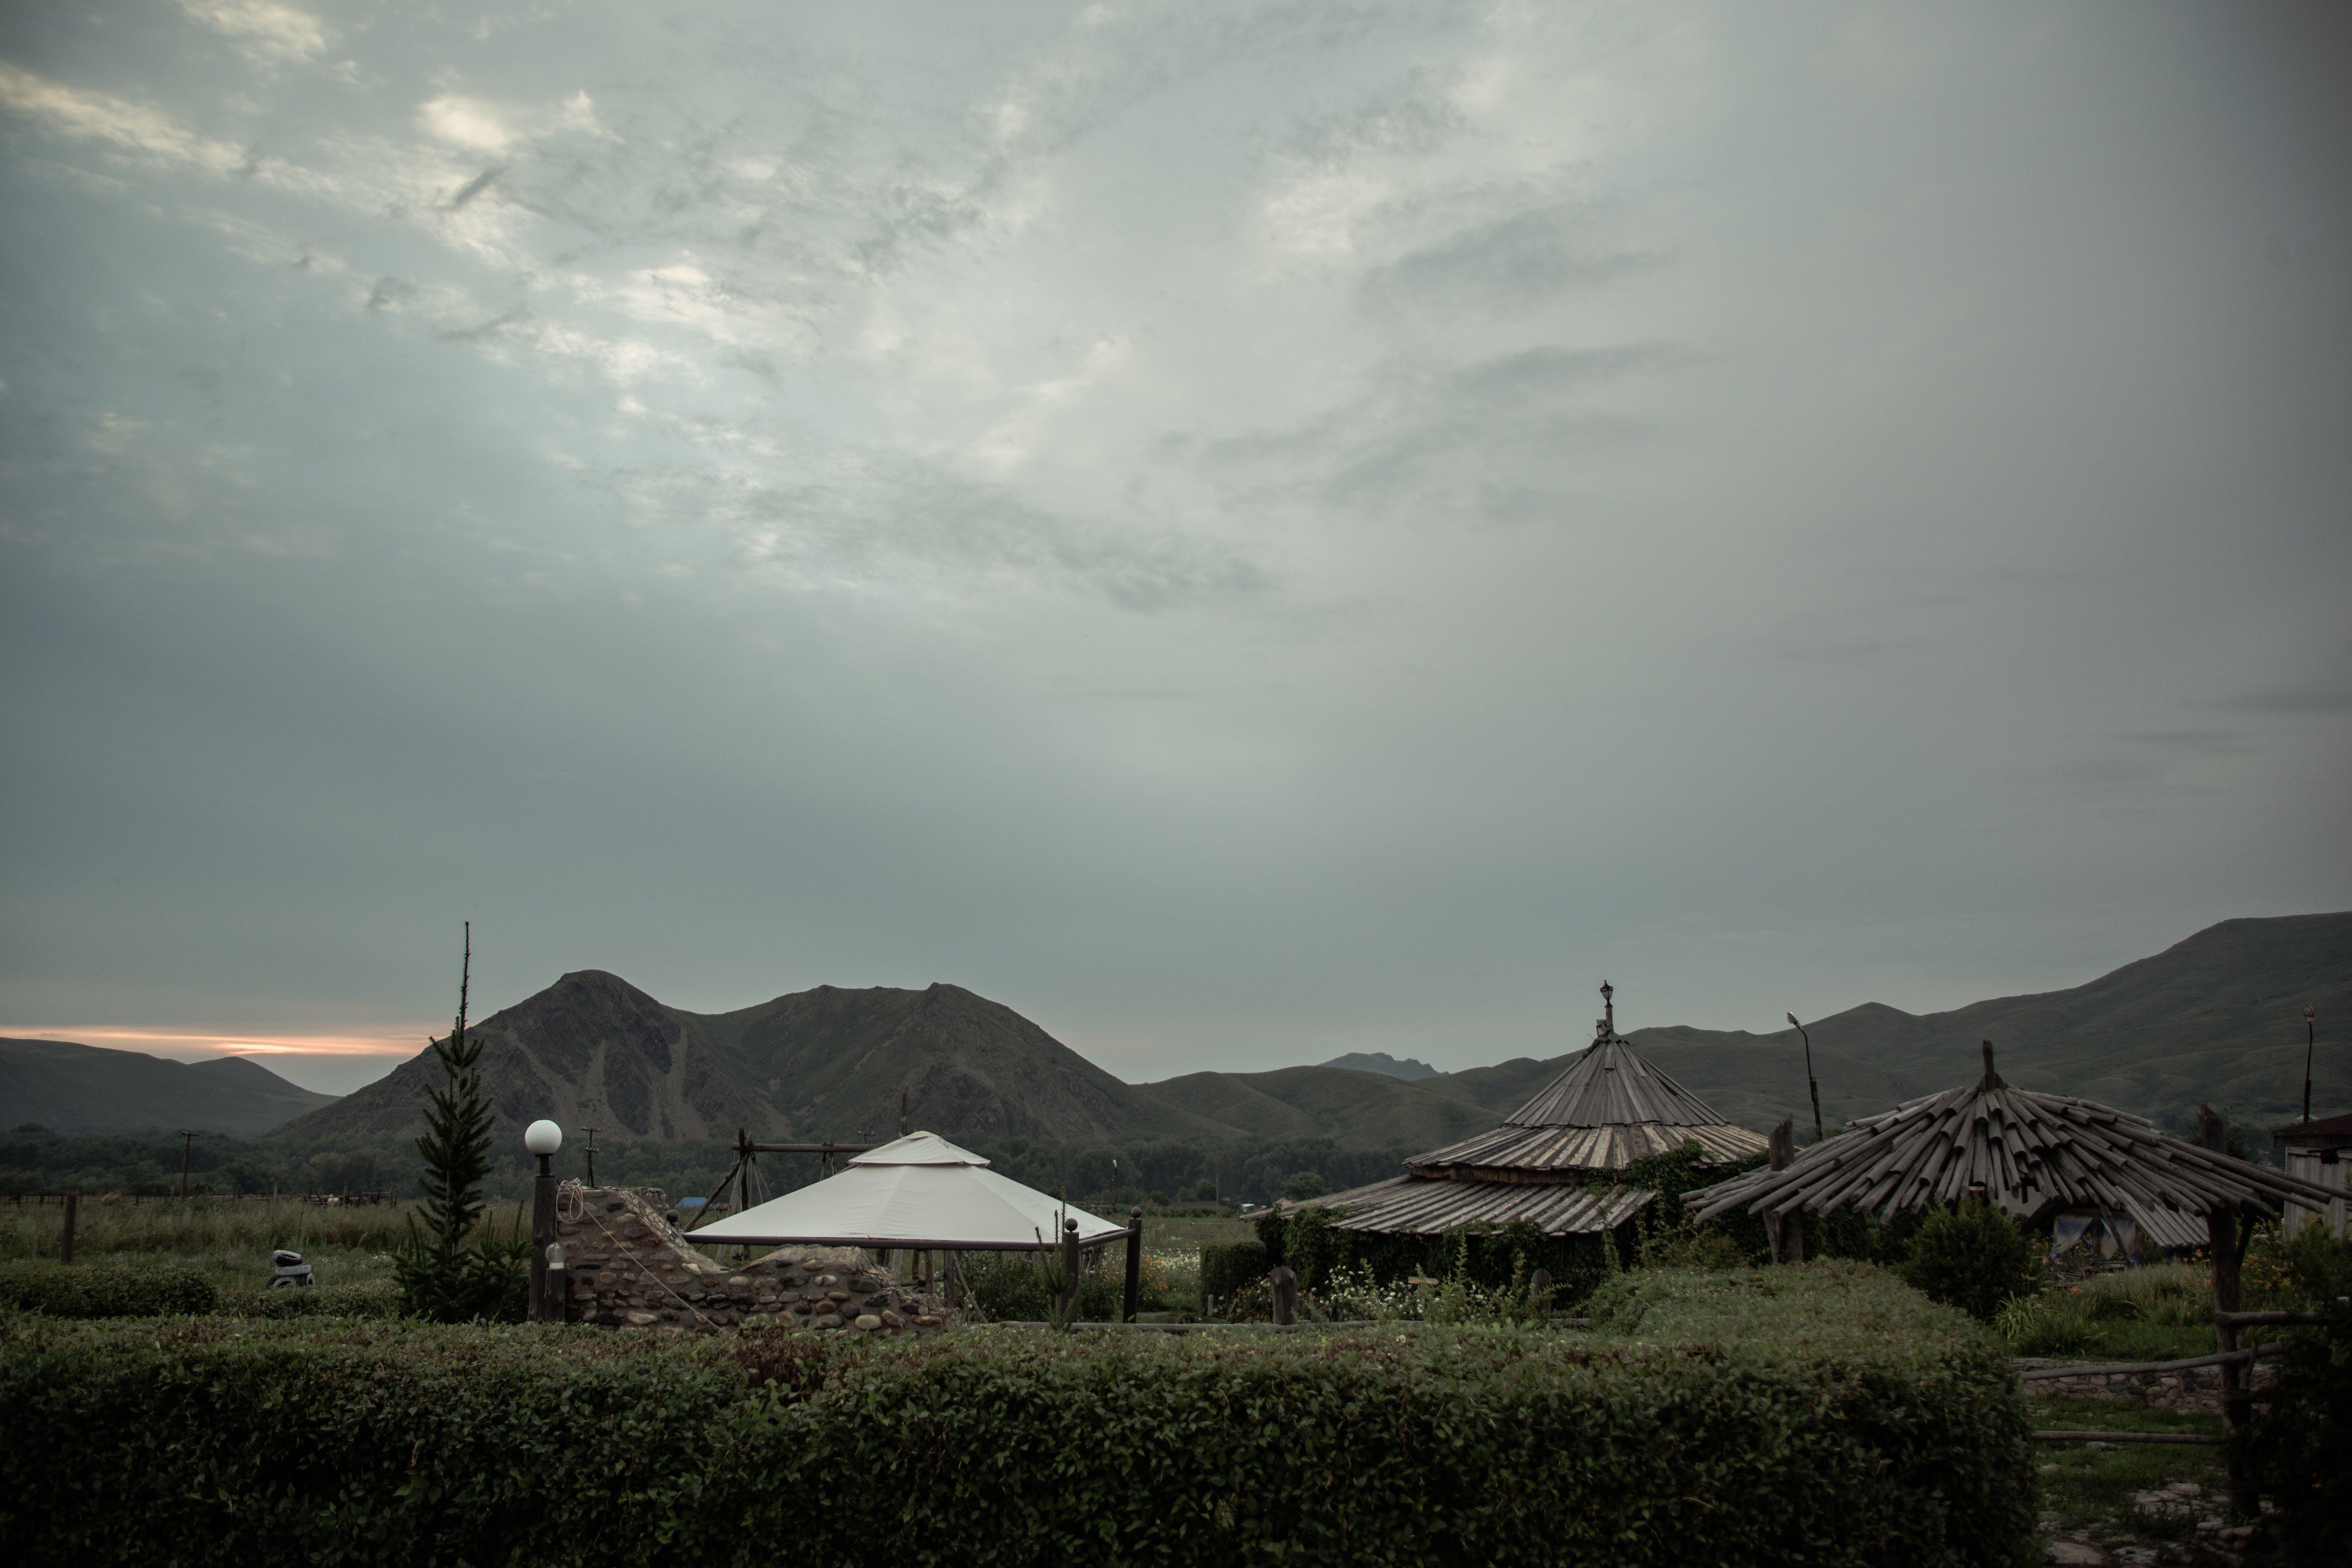 clouds, evening, landscape